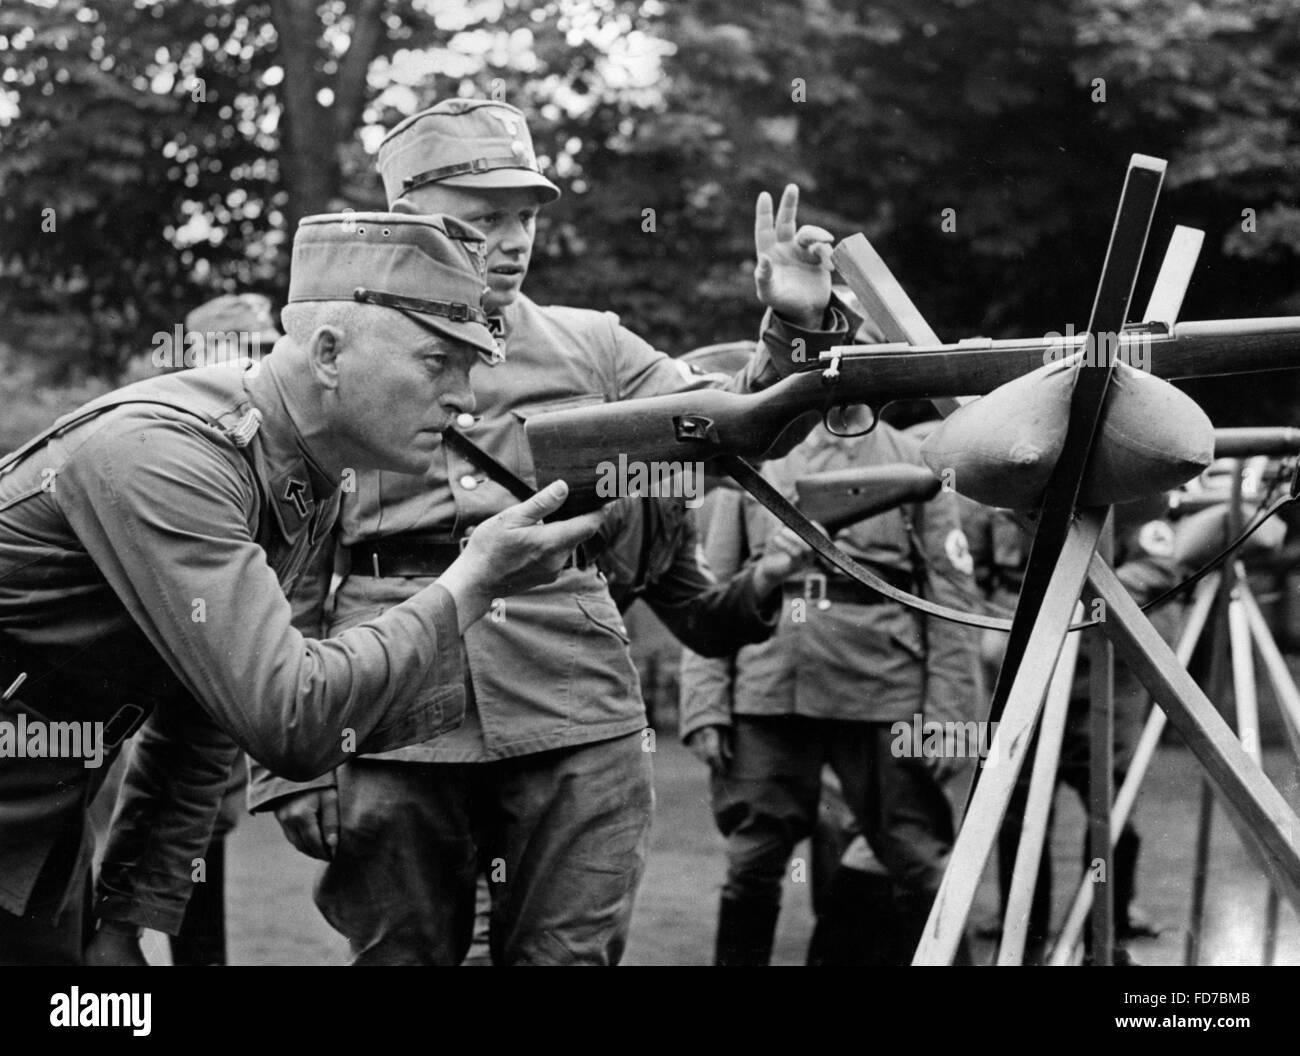 SA members at target practice, 1939 - Stock Image